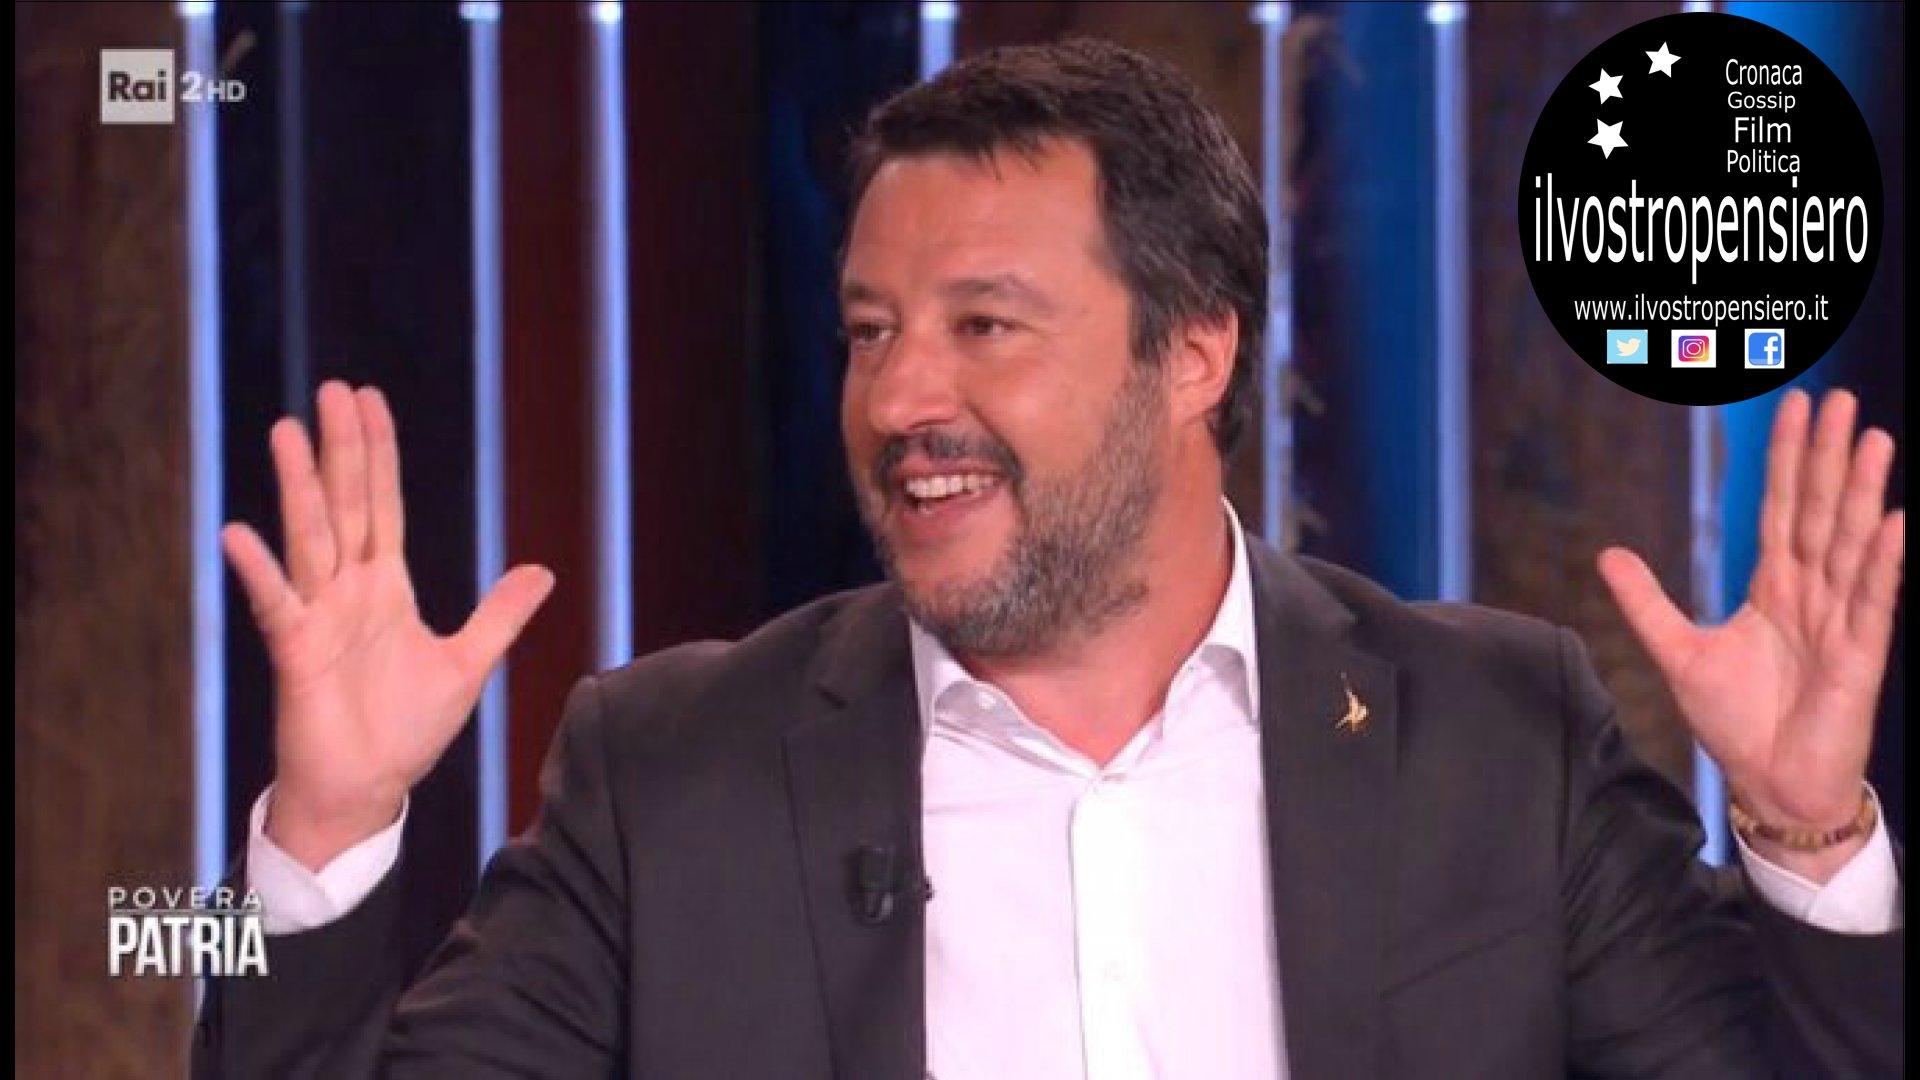 Svolta clamorosa: Di Maio premier insieme a Giorgetti come ministro dell'economia